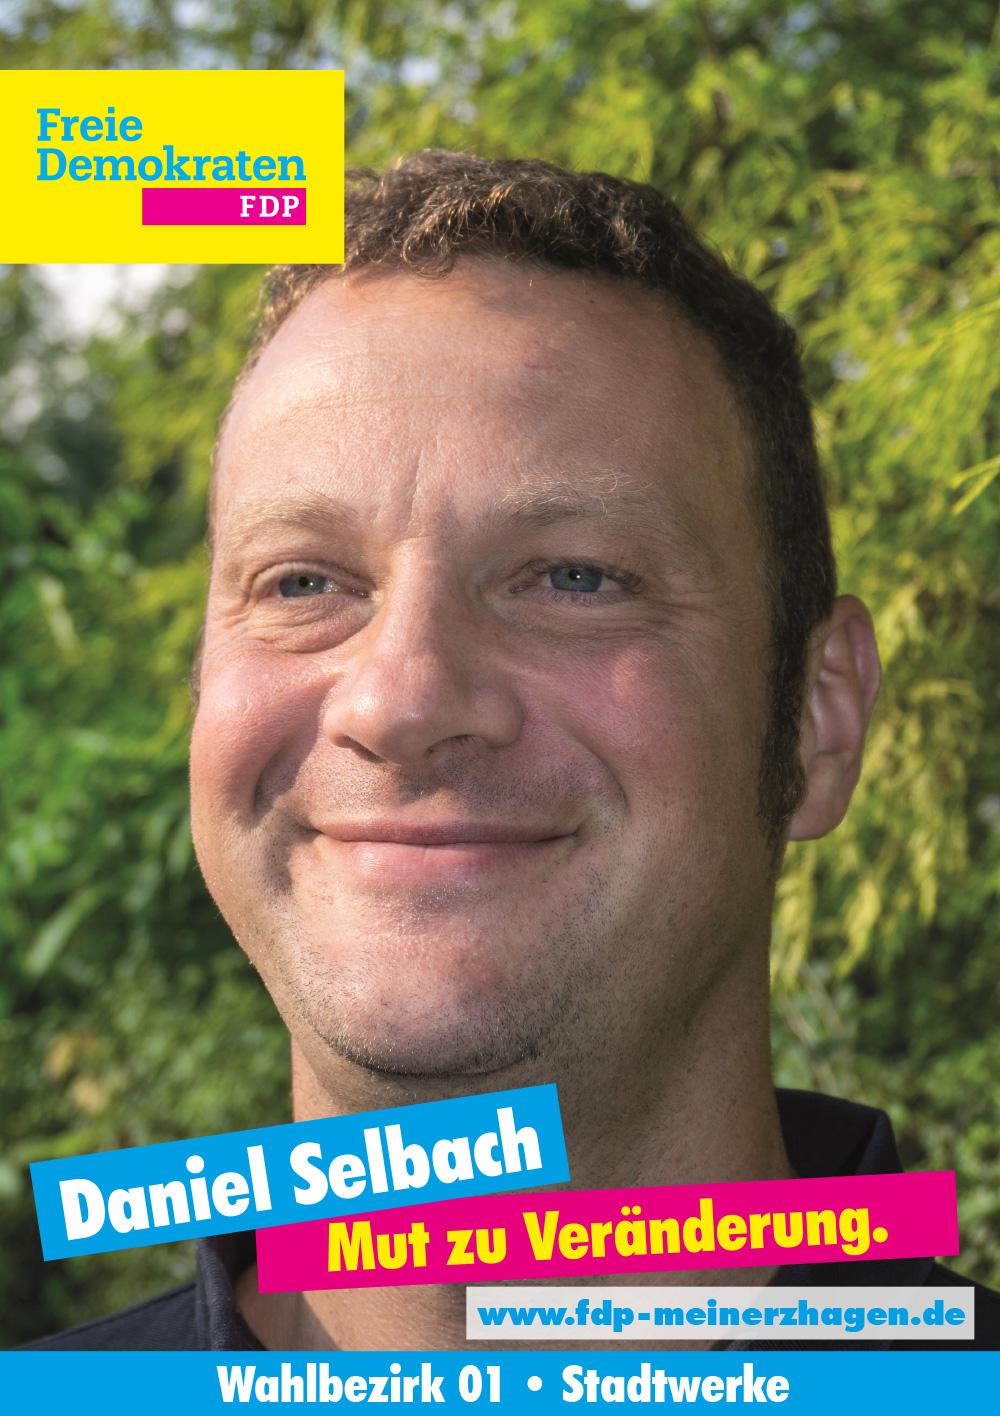 Daniel Selbach - Unser Kandidat für Wahlbezirk 1